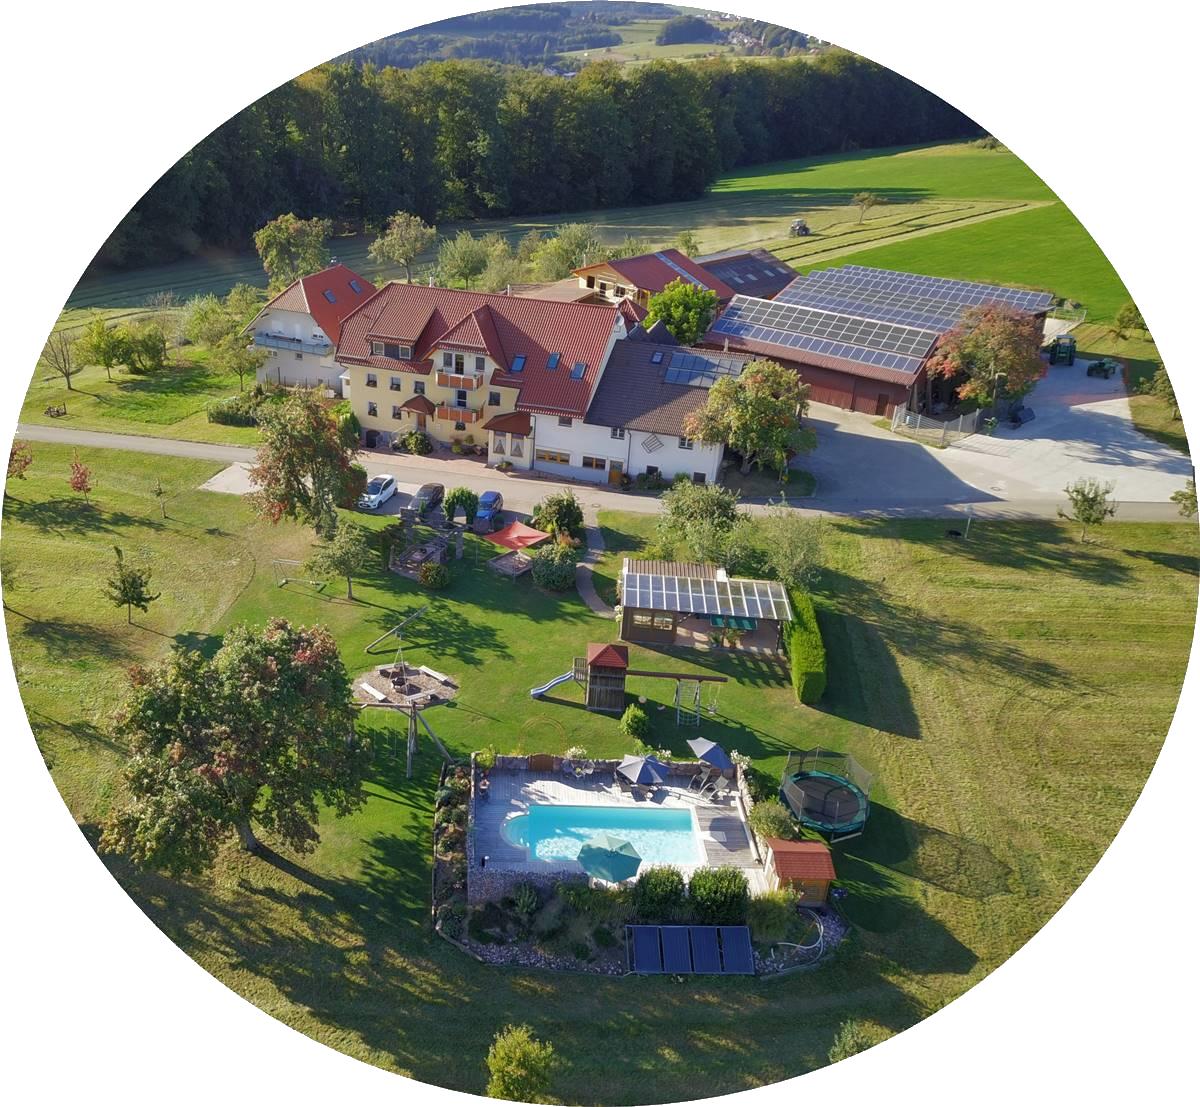 Ferienhaus Bührer mit Spielplatz, Grillhaus und Außenpool